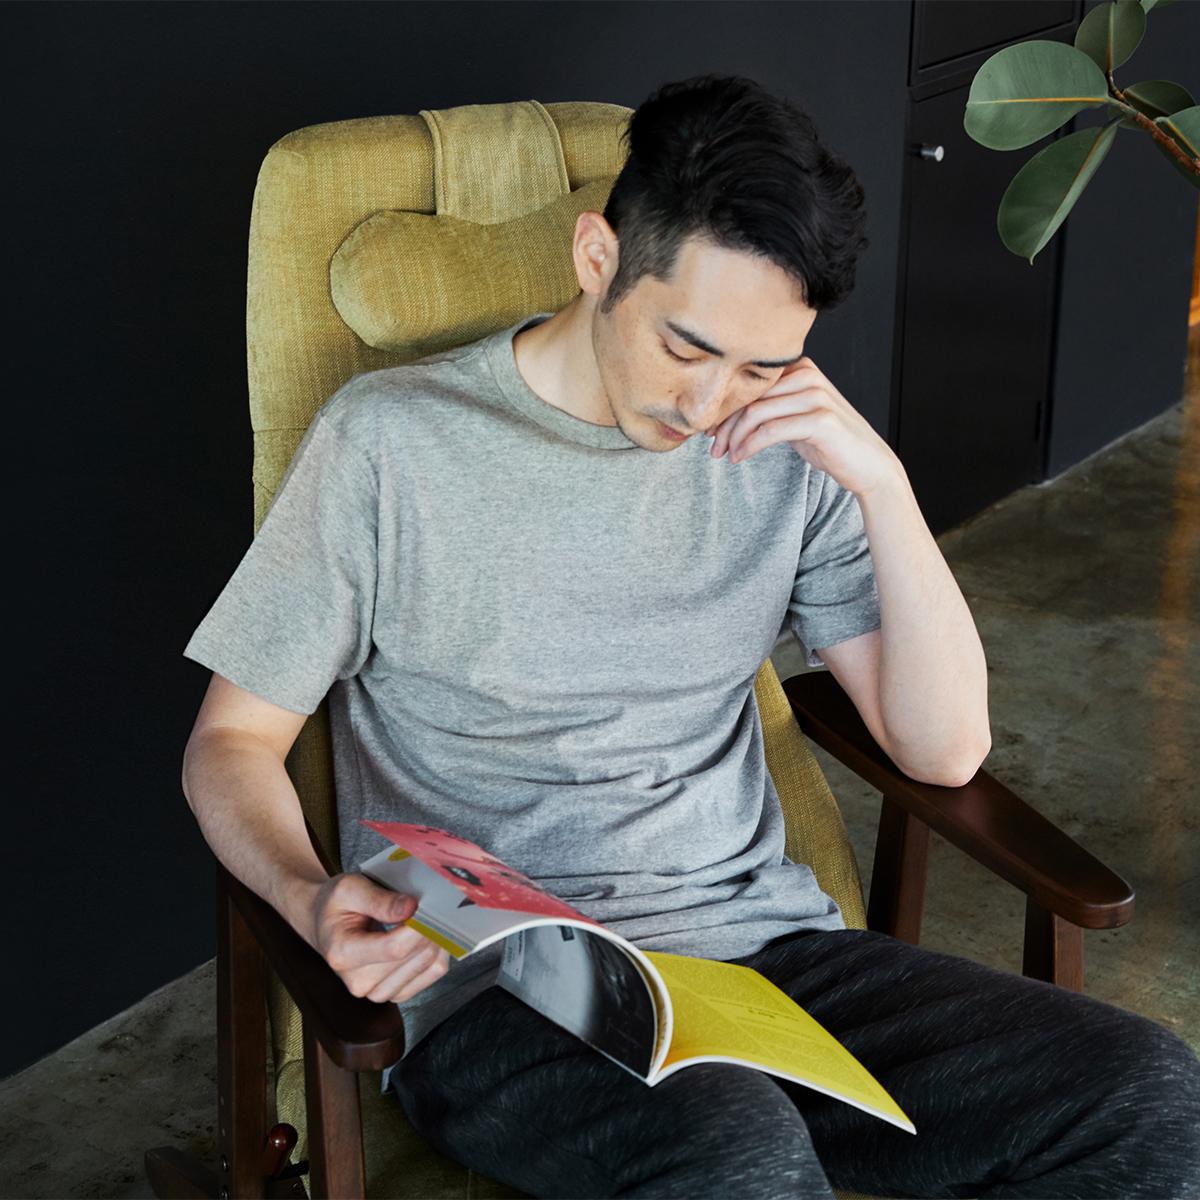 疲れにくいから仕事に趣味に集中できる。体にいい姿勢でリラックス!首も腰も好きな角度に調節できる寝椅子(リクライニングチェア)|P!nto